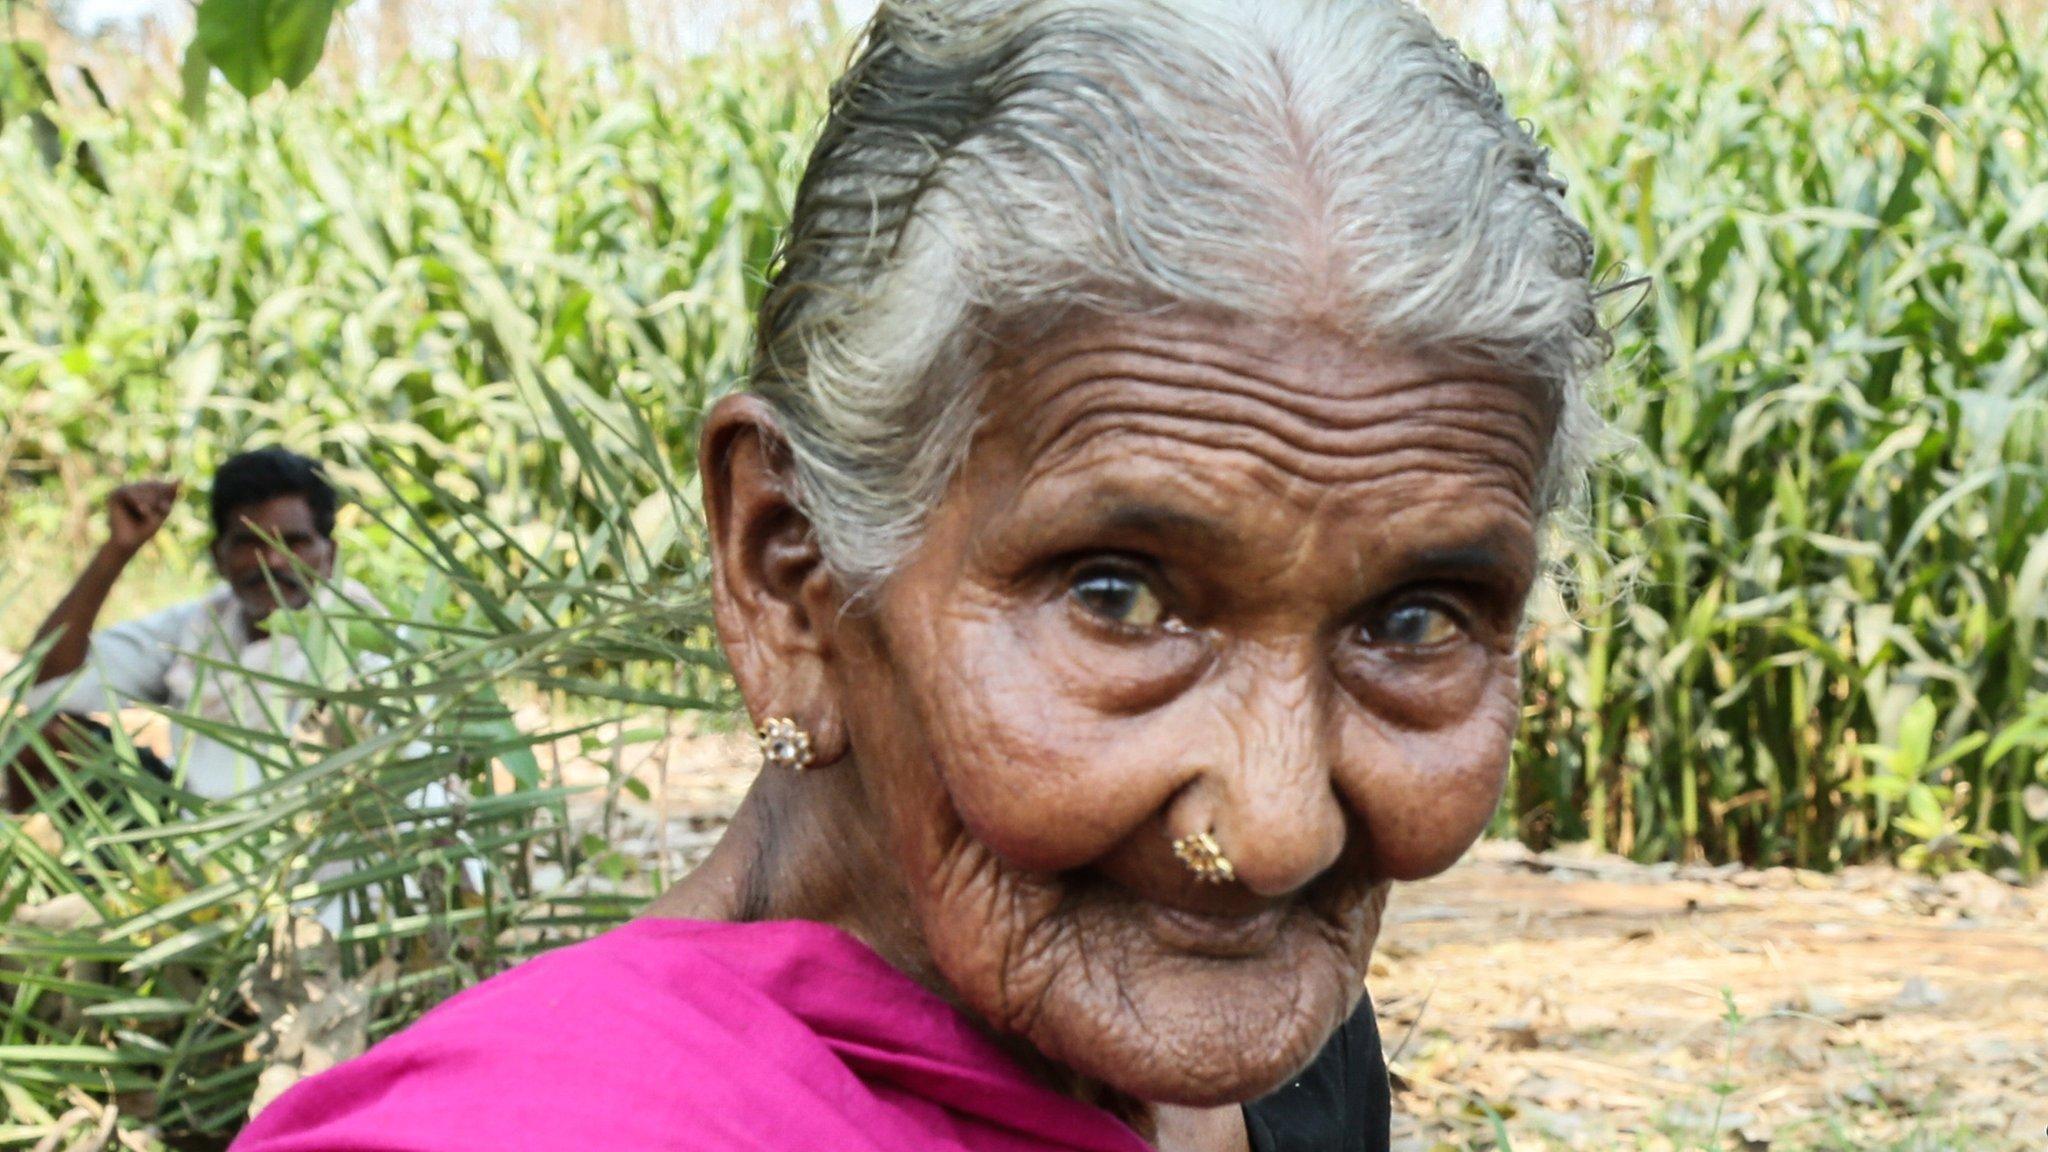 মাস্তানাম্মা: শতবর্ষী যে ভারতীয় দাদীমা রান্নার রেসিপি দিয়ে ইউটিউব মাতিয়েছিলেন